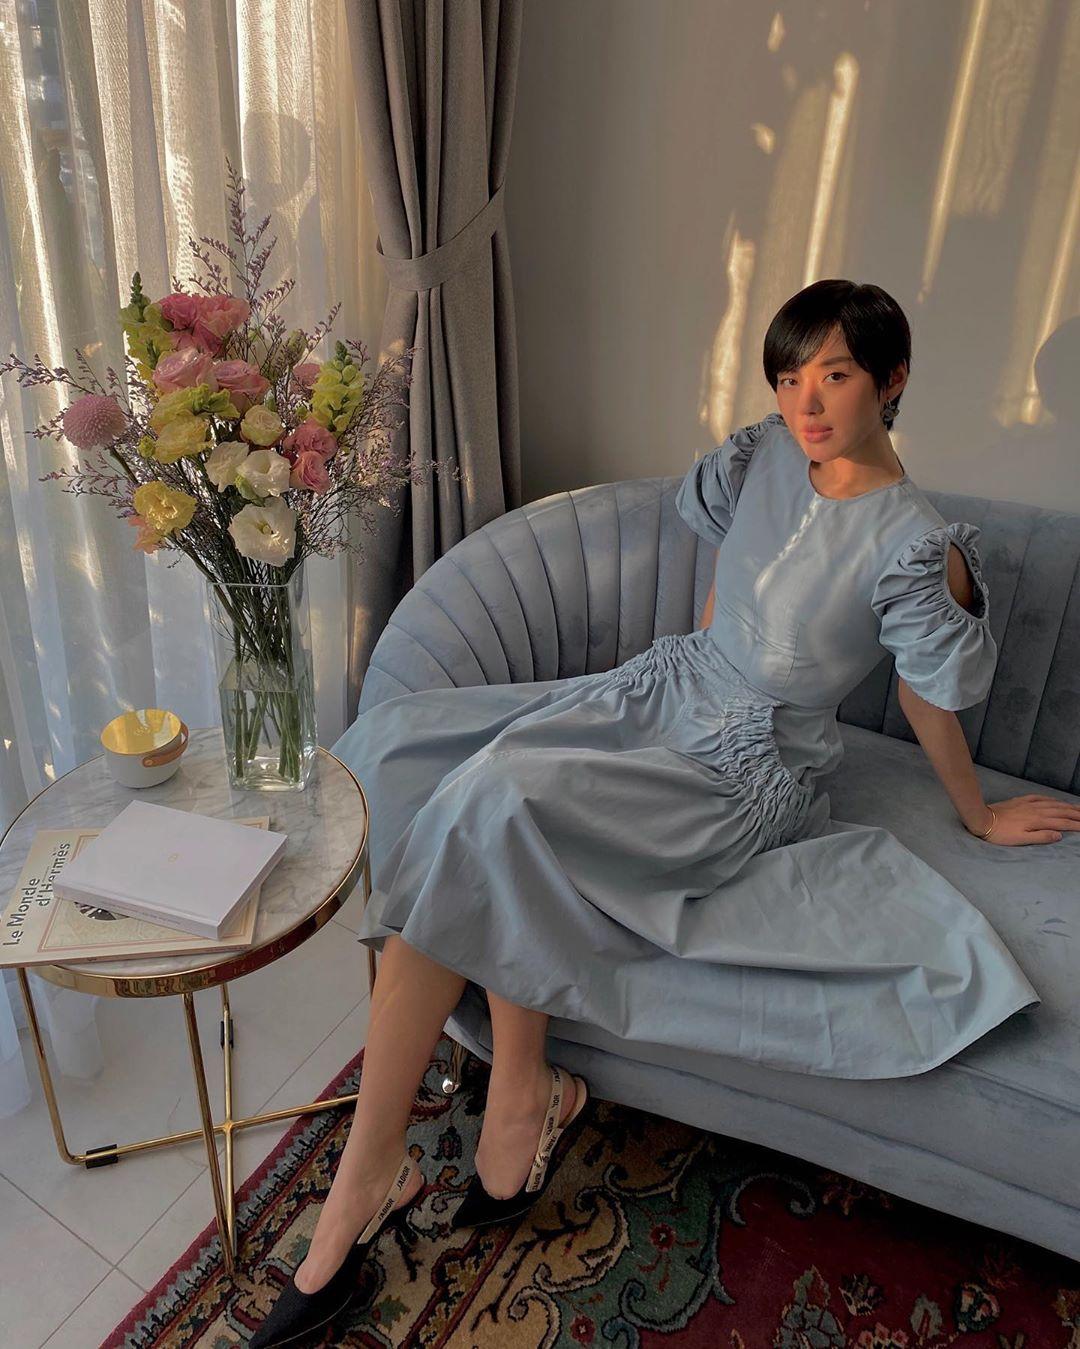 Khánh Linh lại tiếp tục trở thành idol cách ly của hội chị em. Cô nàng hết hướng dẫn chụp ảnh sống ảo tại nhà lại khoe style điệu đà nữ tính ai nhìn cũng mê. Đôi slingback Dior giá khoảng 22 triệu đồng góp phần tôn lên style nữ tính sang chảnh cho 'cô em trendy' Khánh Linh.